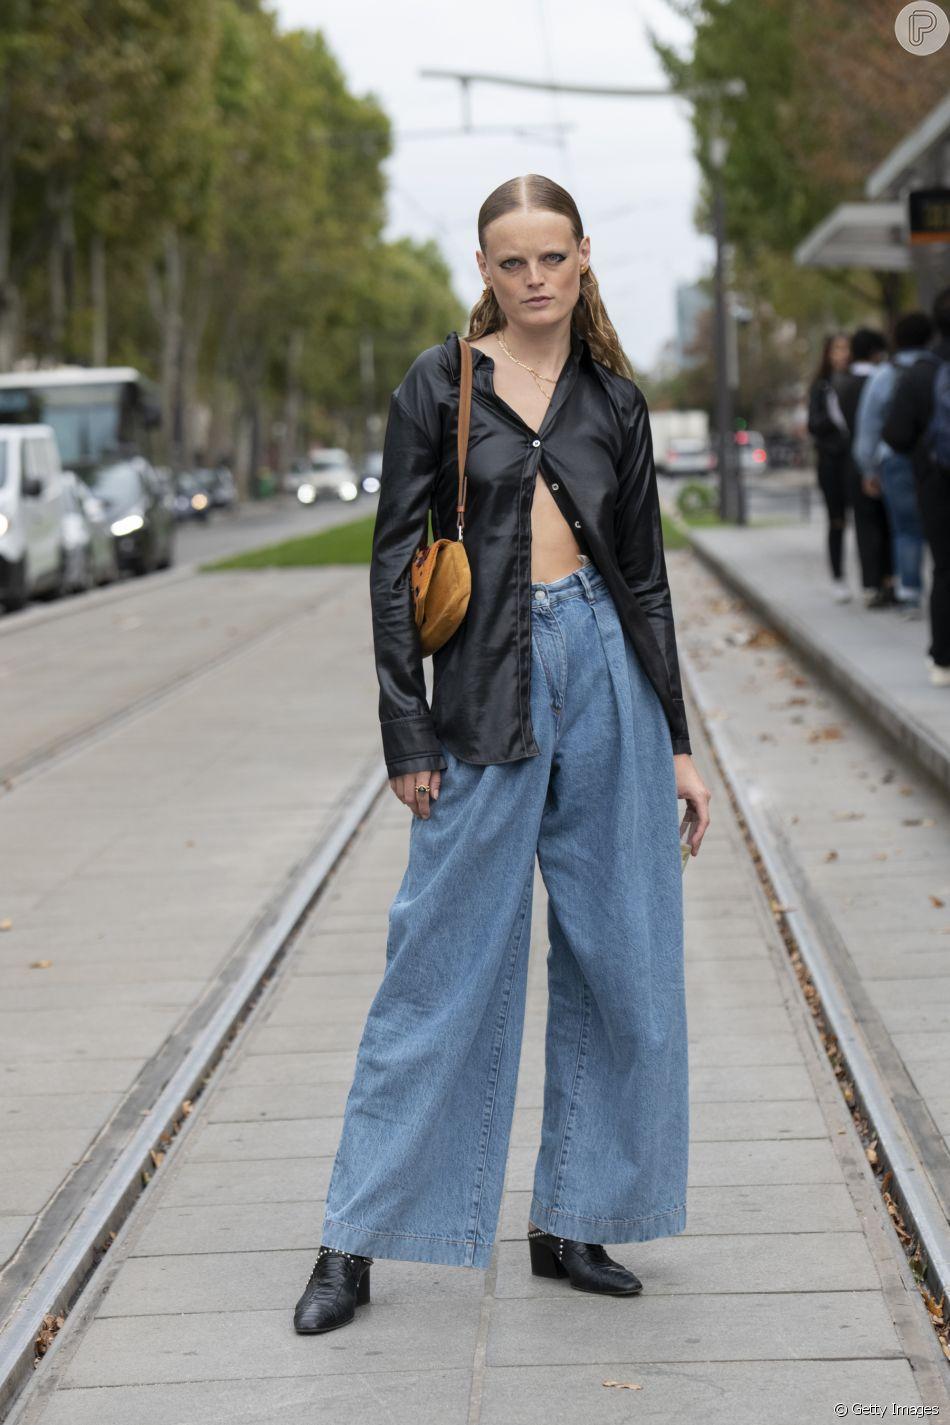 Jeans no moda: modelo folgado e larguinho, o grandpa jeans pode ser aliado à camisa social aberta em look moderinho para 2020